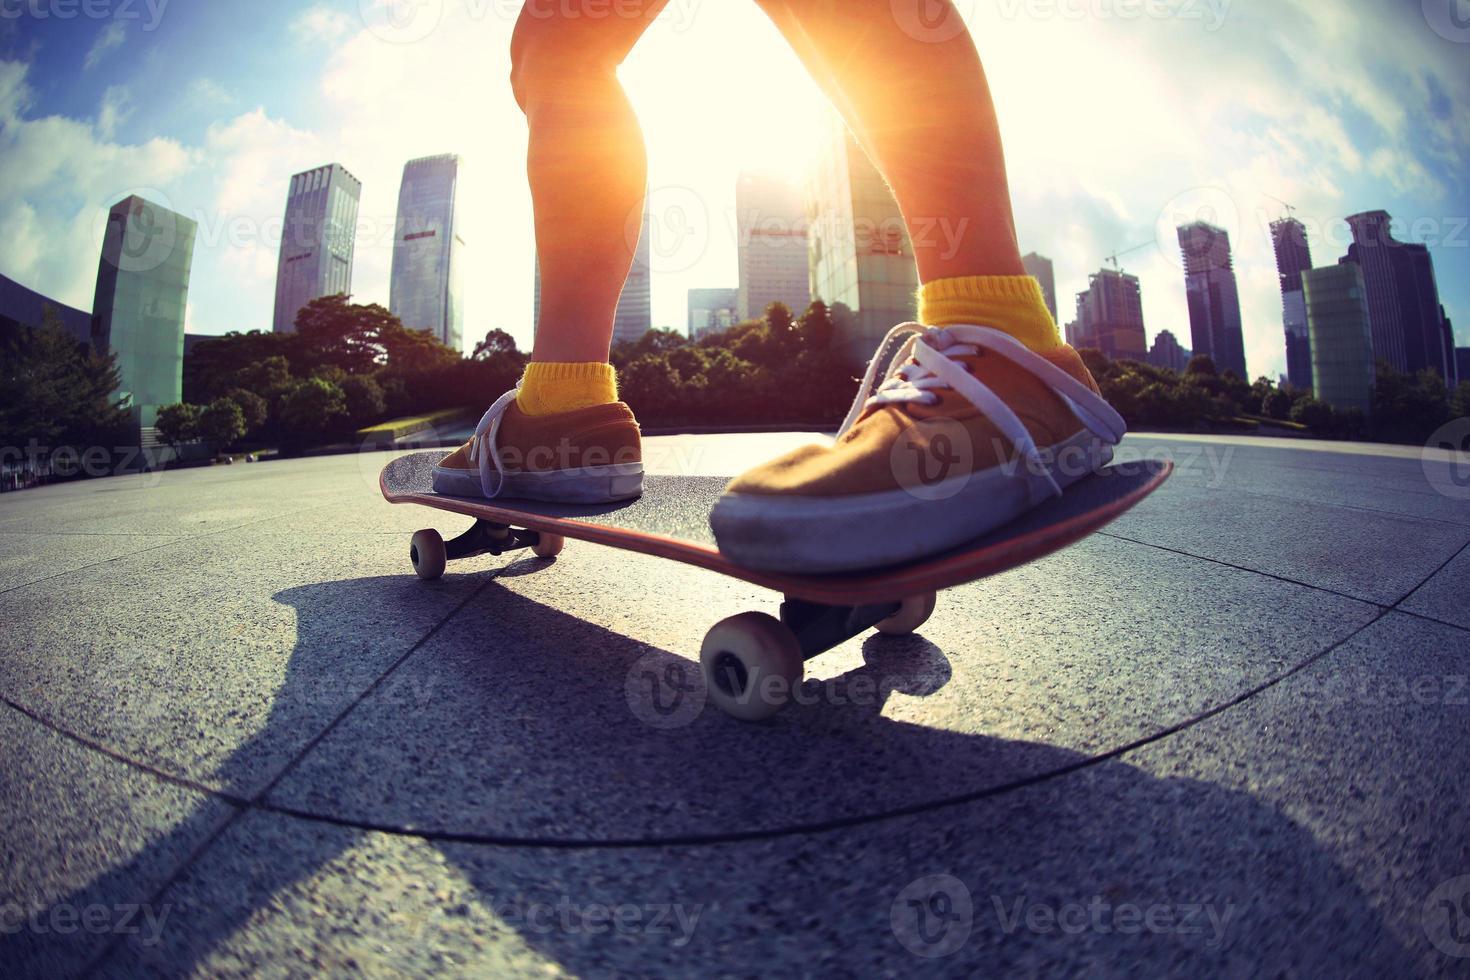 skateboarder skateboard presso sunrise city foto